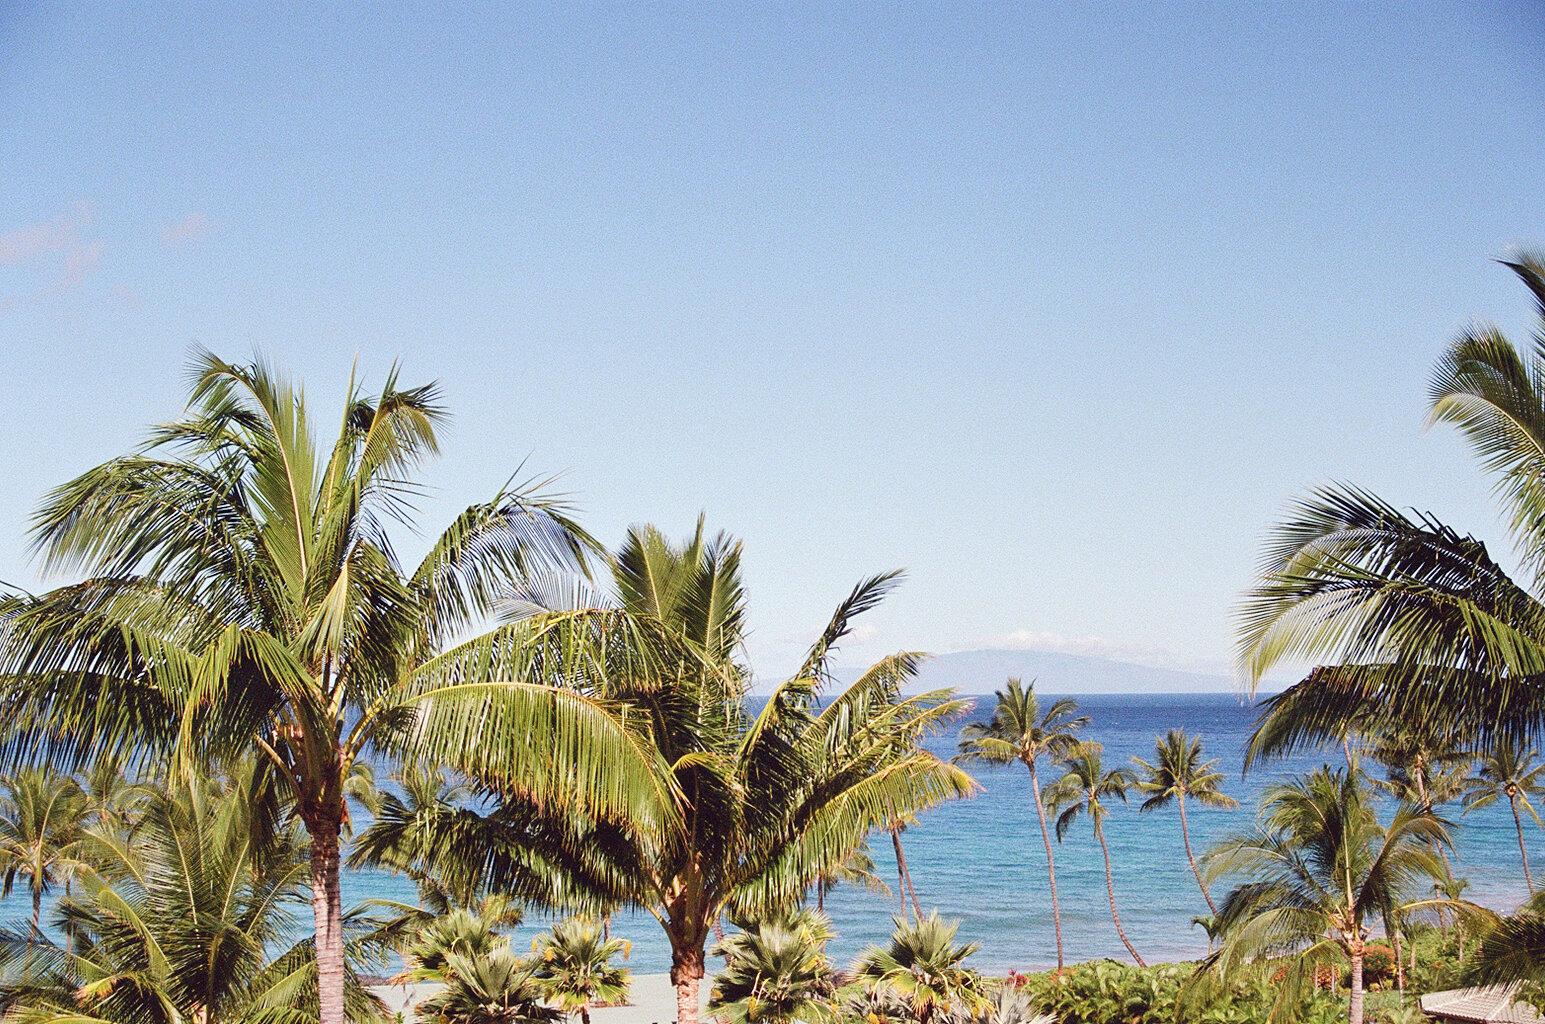 Maui Hawaii Travel Guide